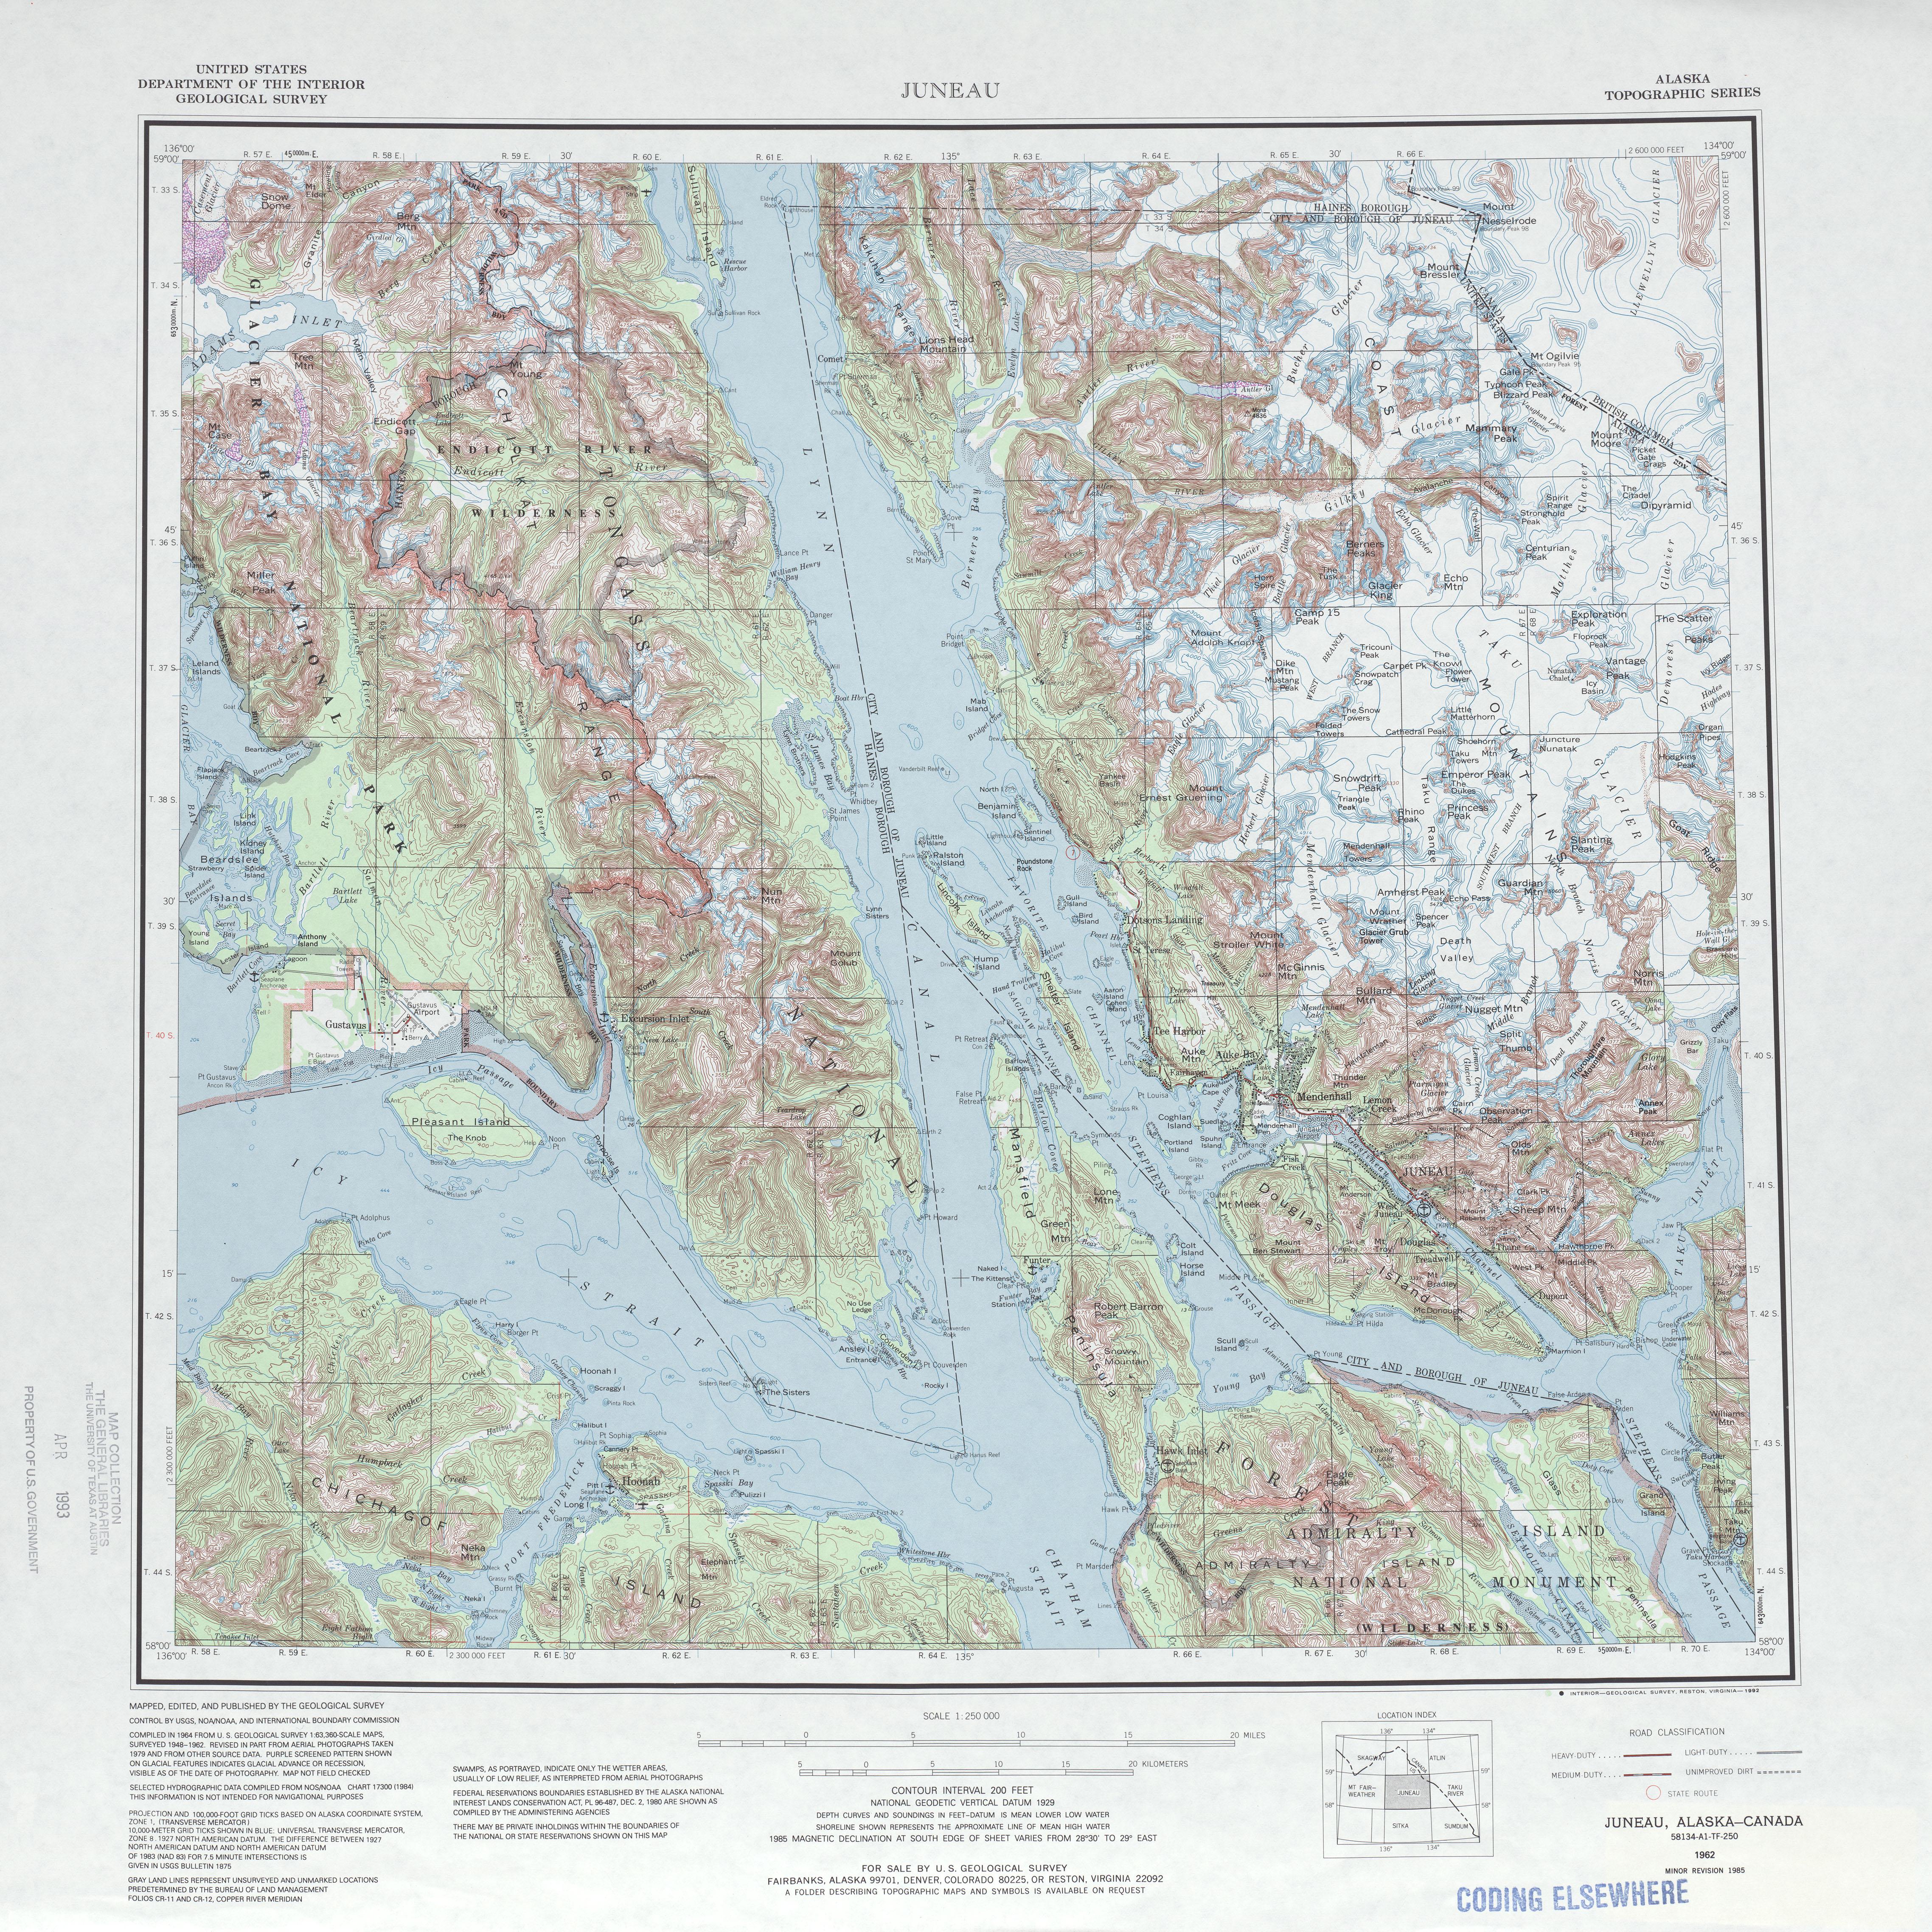 Hoja Juneau del Mapa Topográfico de los Estados Unidos 1985